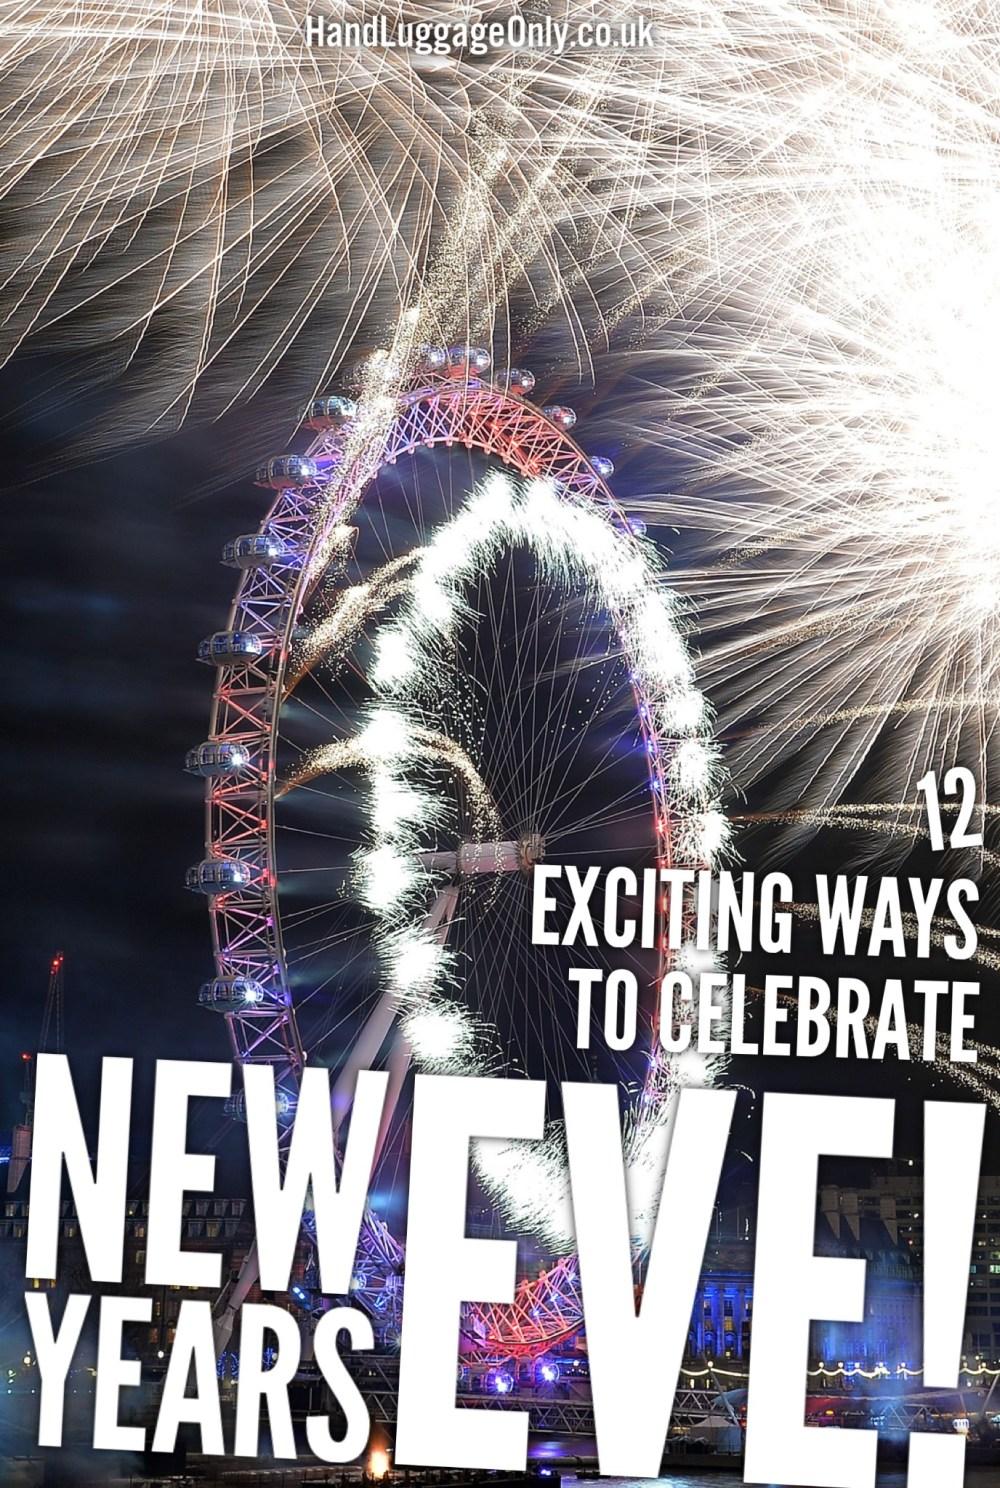 Celebrate NYE